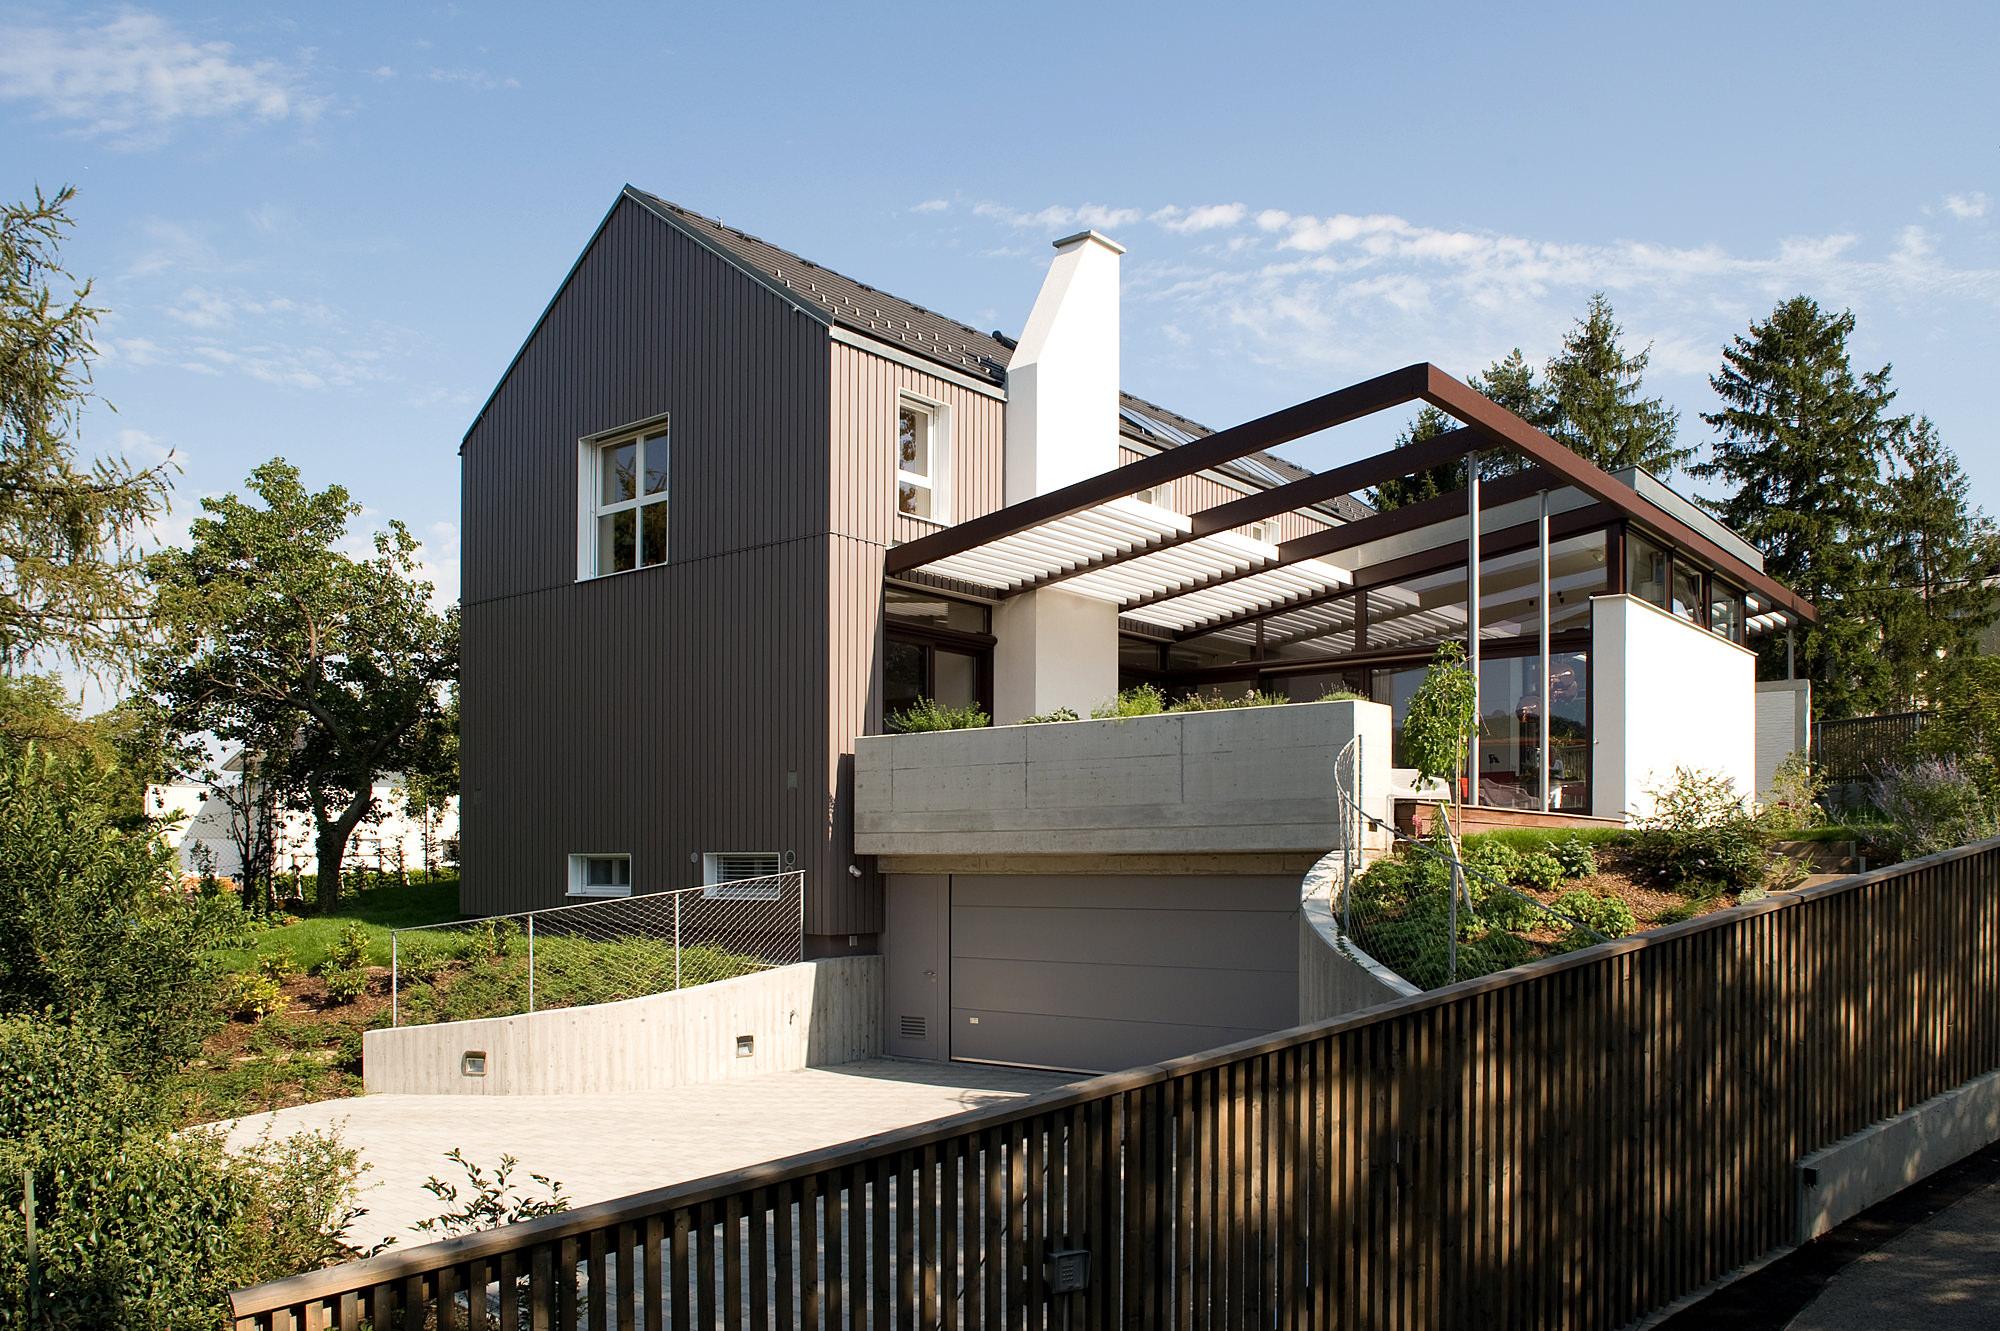 haus_rw_01_niedrigenergie_villa_in_klosterneuburg_niederoesterreich_junger_beer_architektur